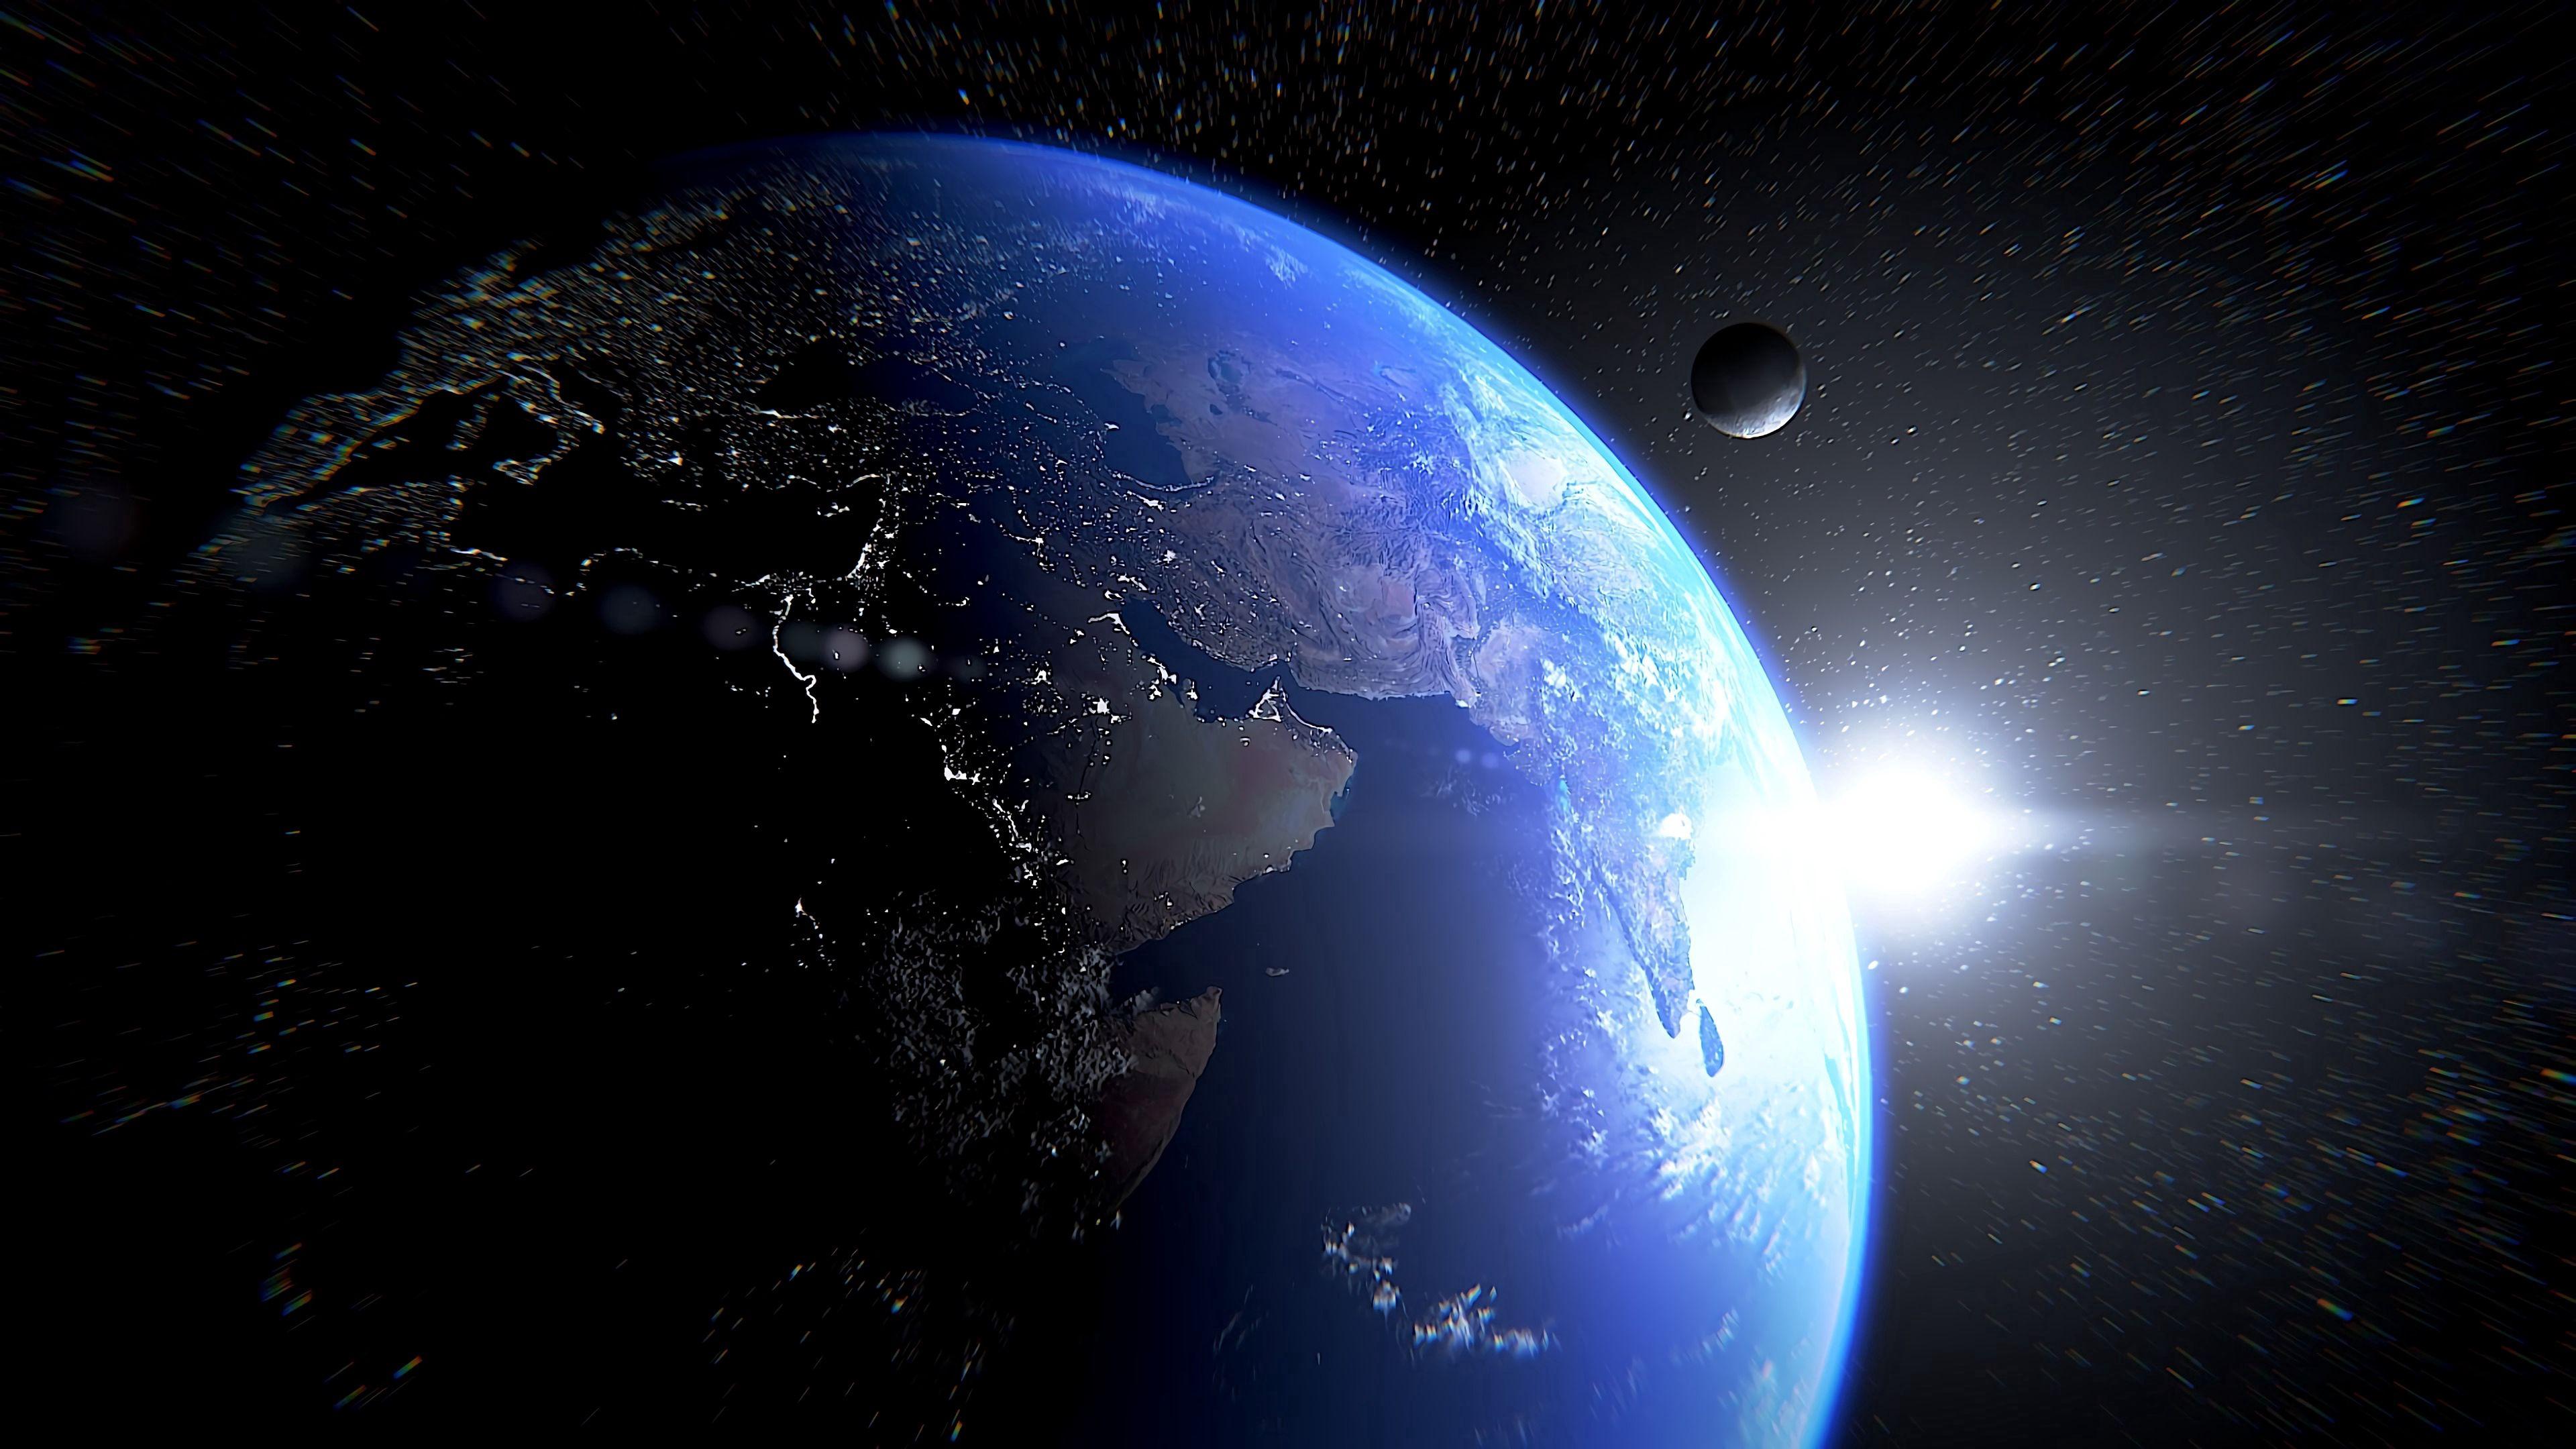 79940 скачать обои Космос, Планета, Спутник, Звезды, Блик - заставки и картинки бесплатно